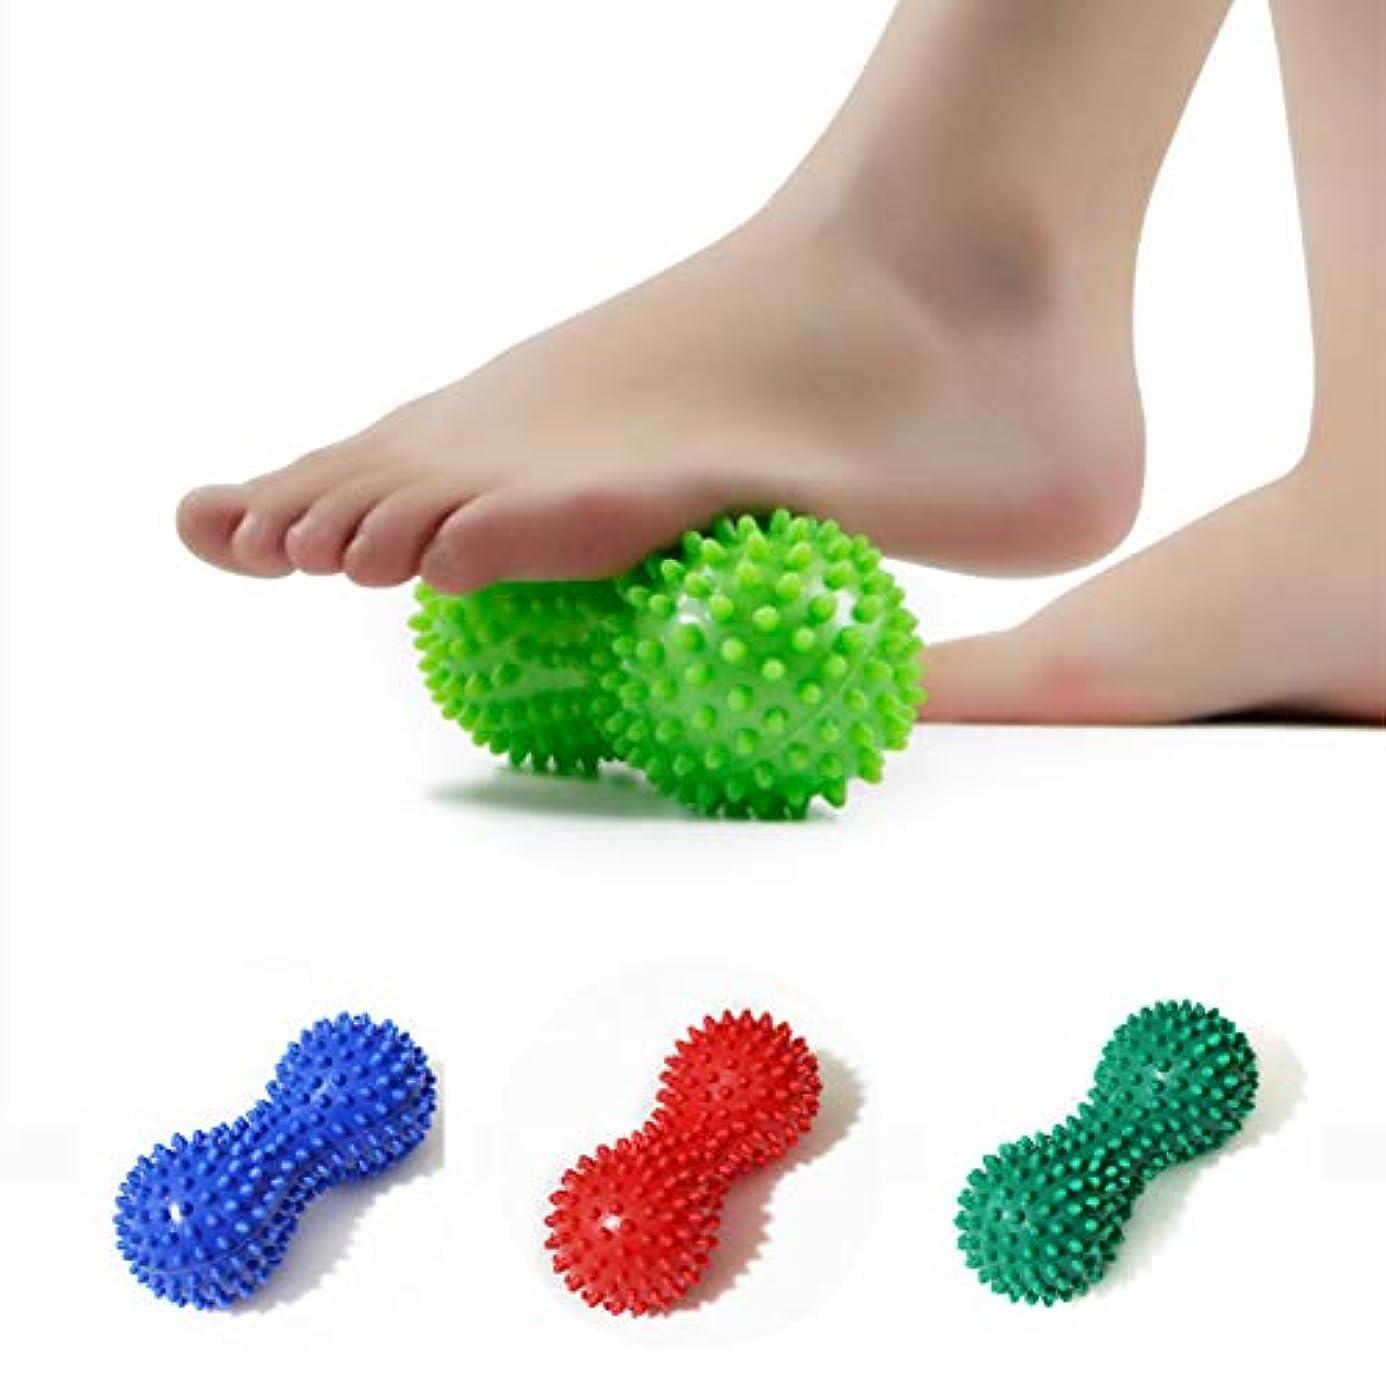 嵐かる帝国主義Peanut Shape Massage Yoga Sport Fitness Ball Durable PVC Stress Relief Body Hand Foot Spiky Massager Trigger Point Foot Pain